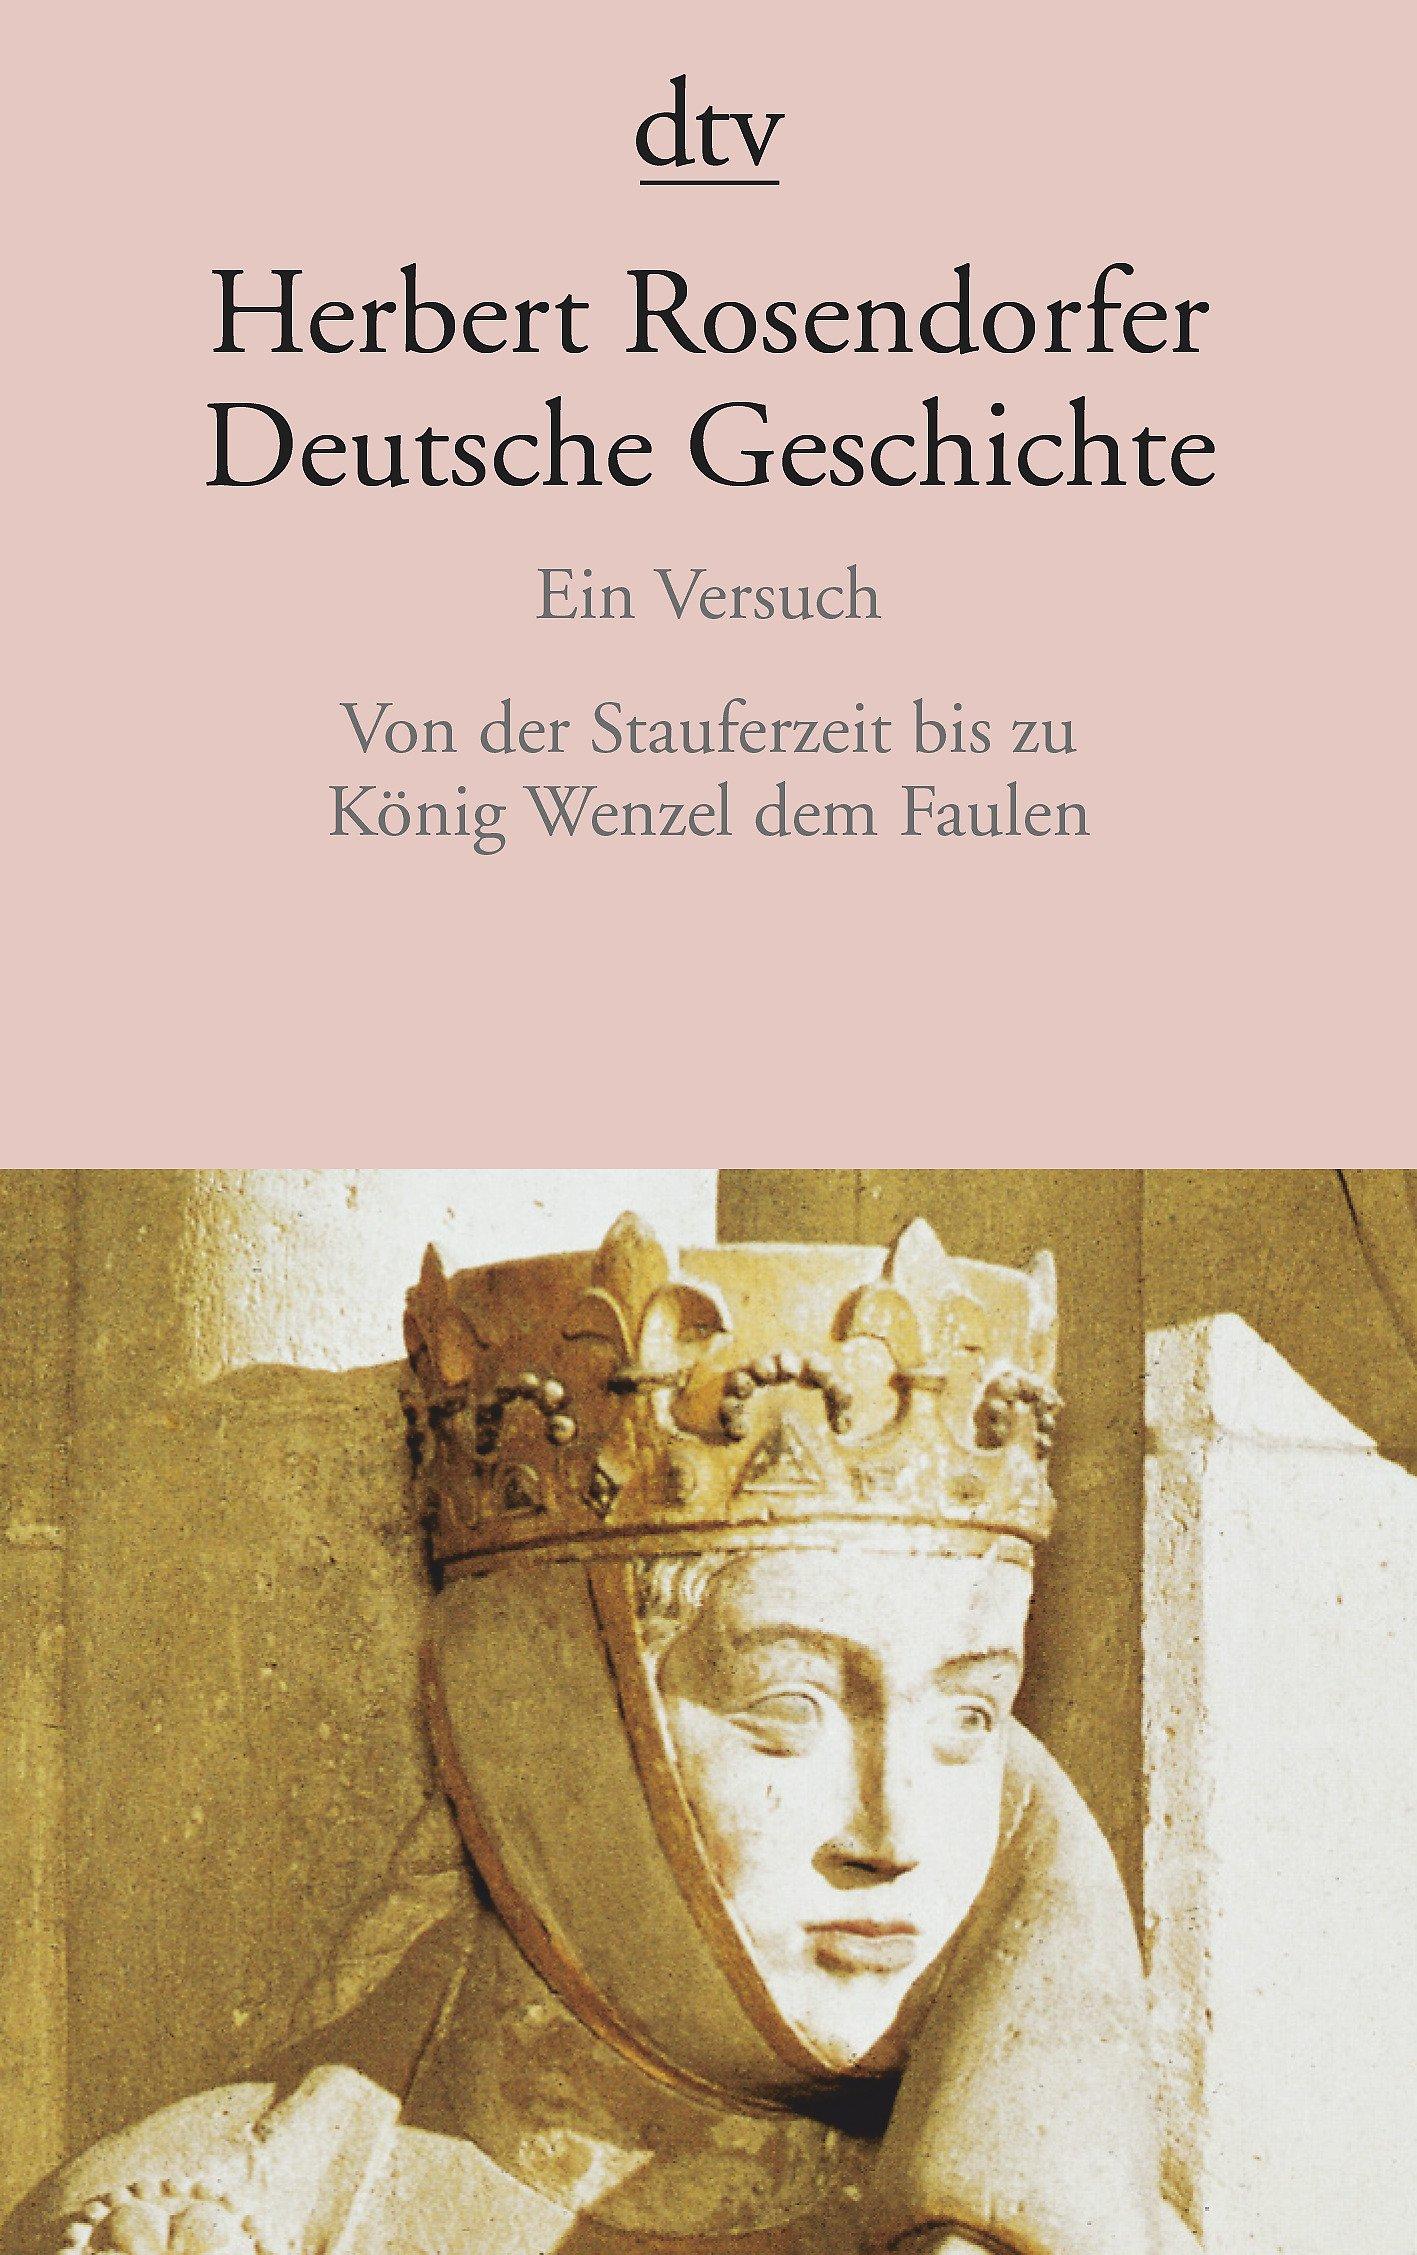 Deutsche Geschichte Ein Versuch: Von der Stauferzeit bis zu König Wenzel dem Faulen (dtv Literatur)